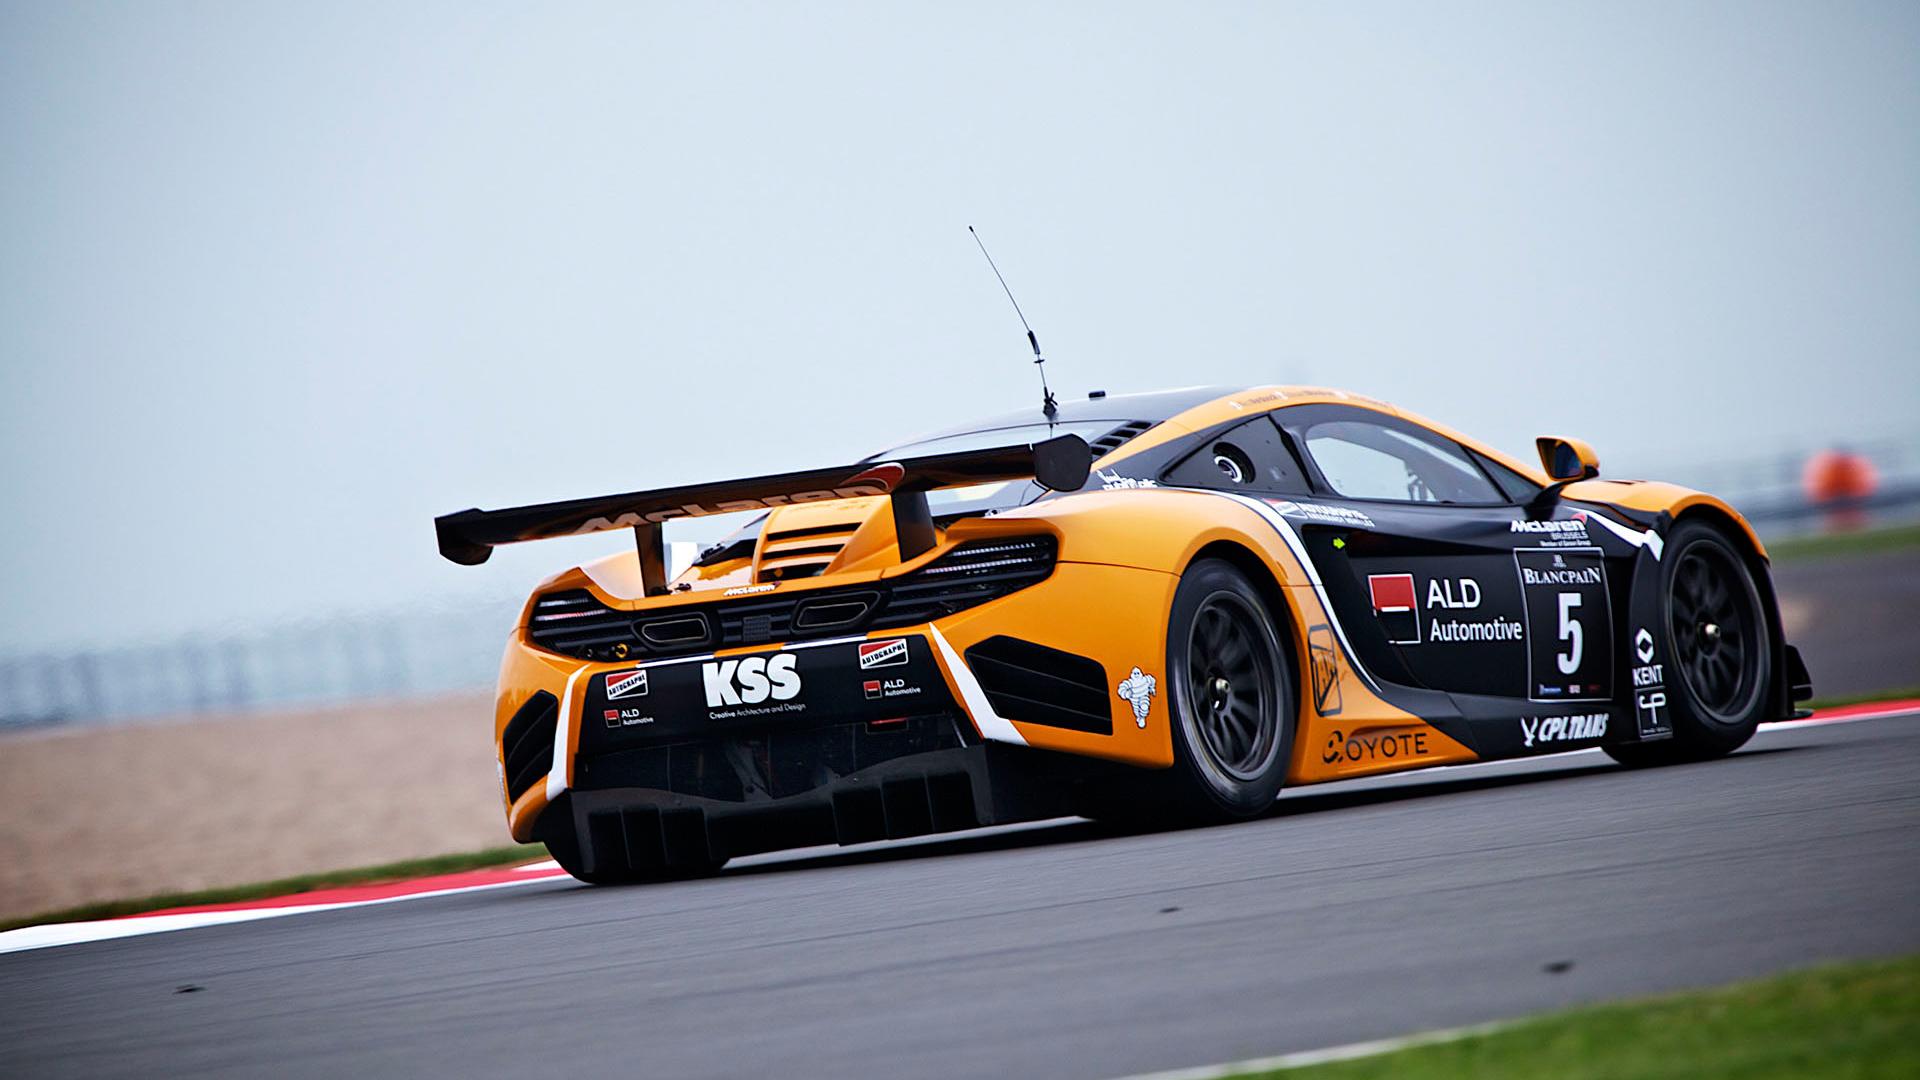 Boutsen Mclaren Racing Wallpaper Hd Car Wallpapers